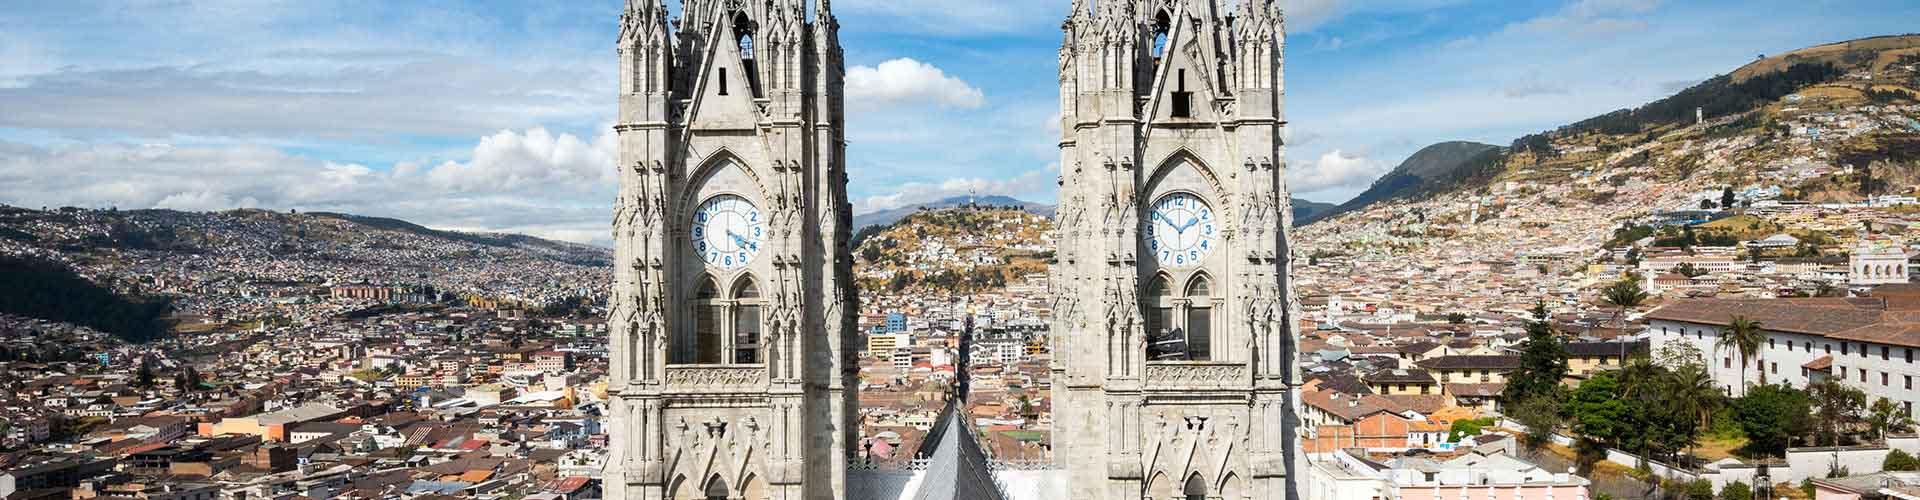 Quito – Ostelli a Quito. Mappe per Quito, Foto e  Recensioni per ogni Ostello a Quito.